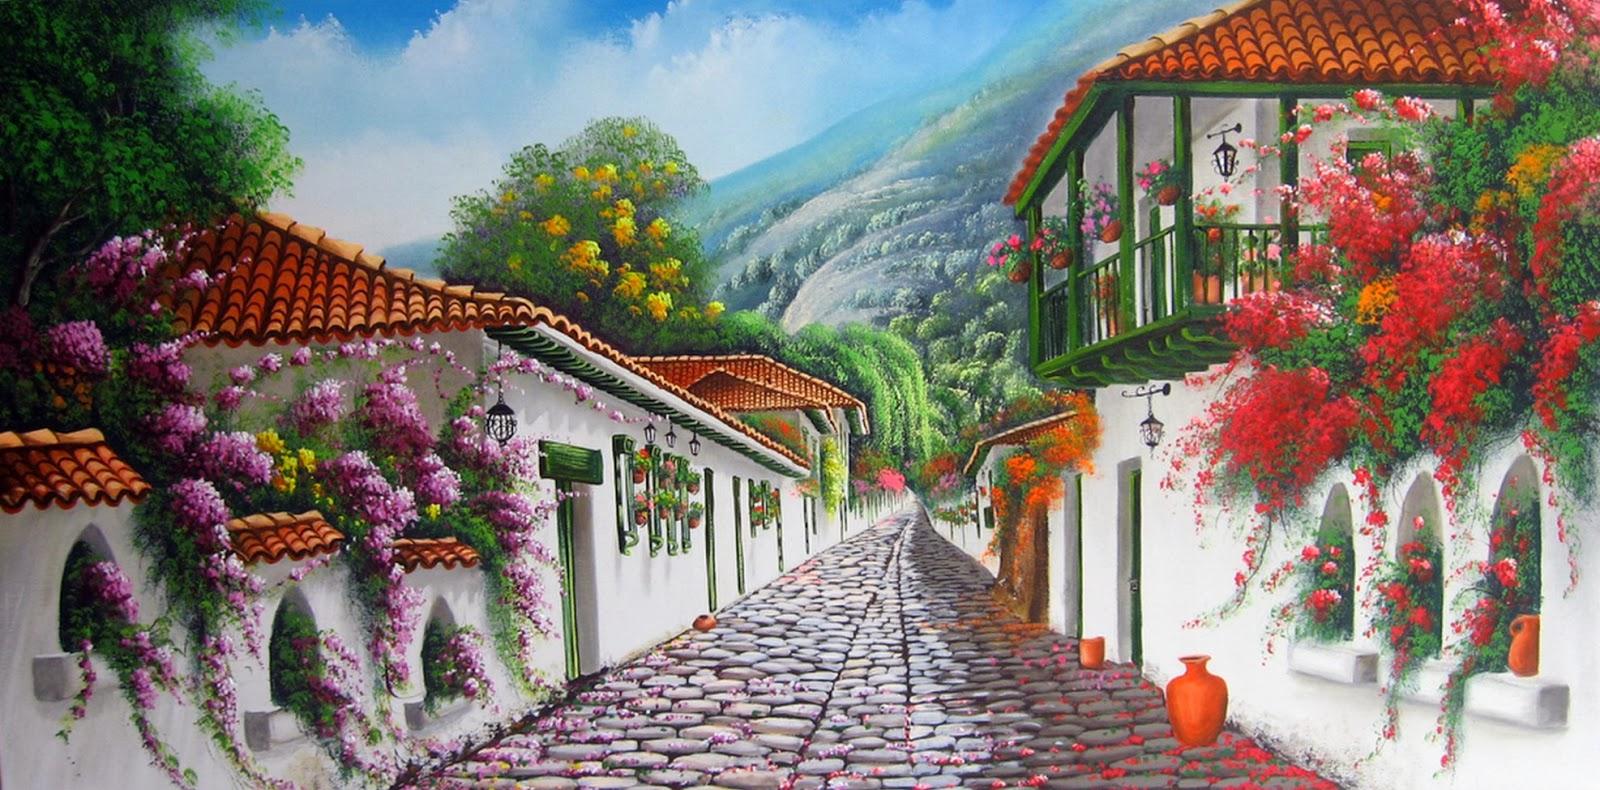 pintores-cuadros-al-oleo